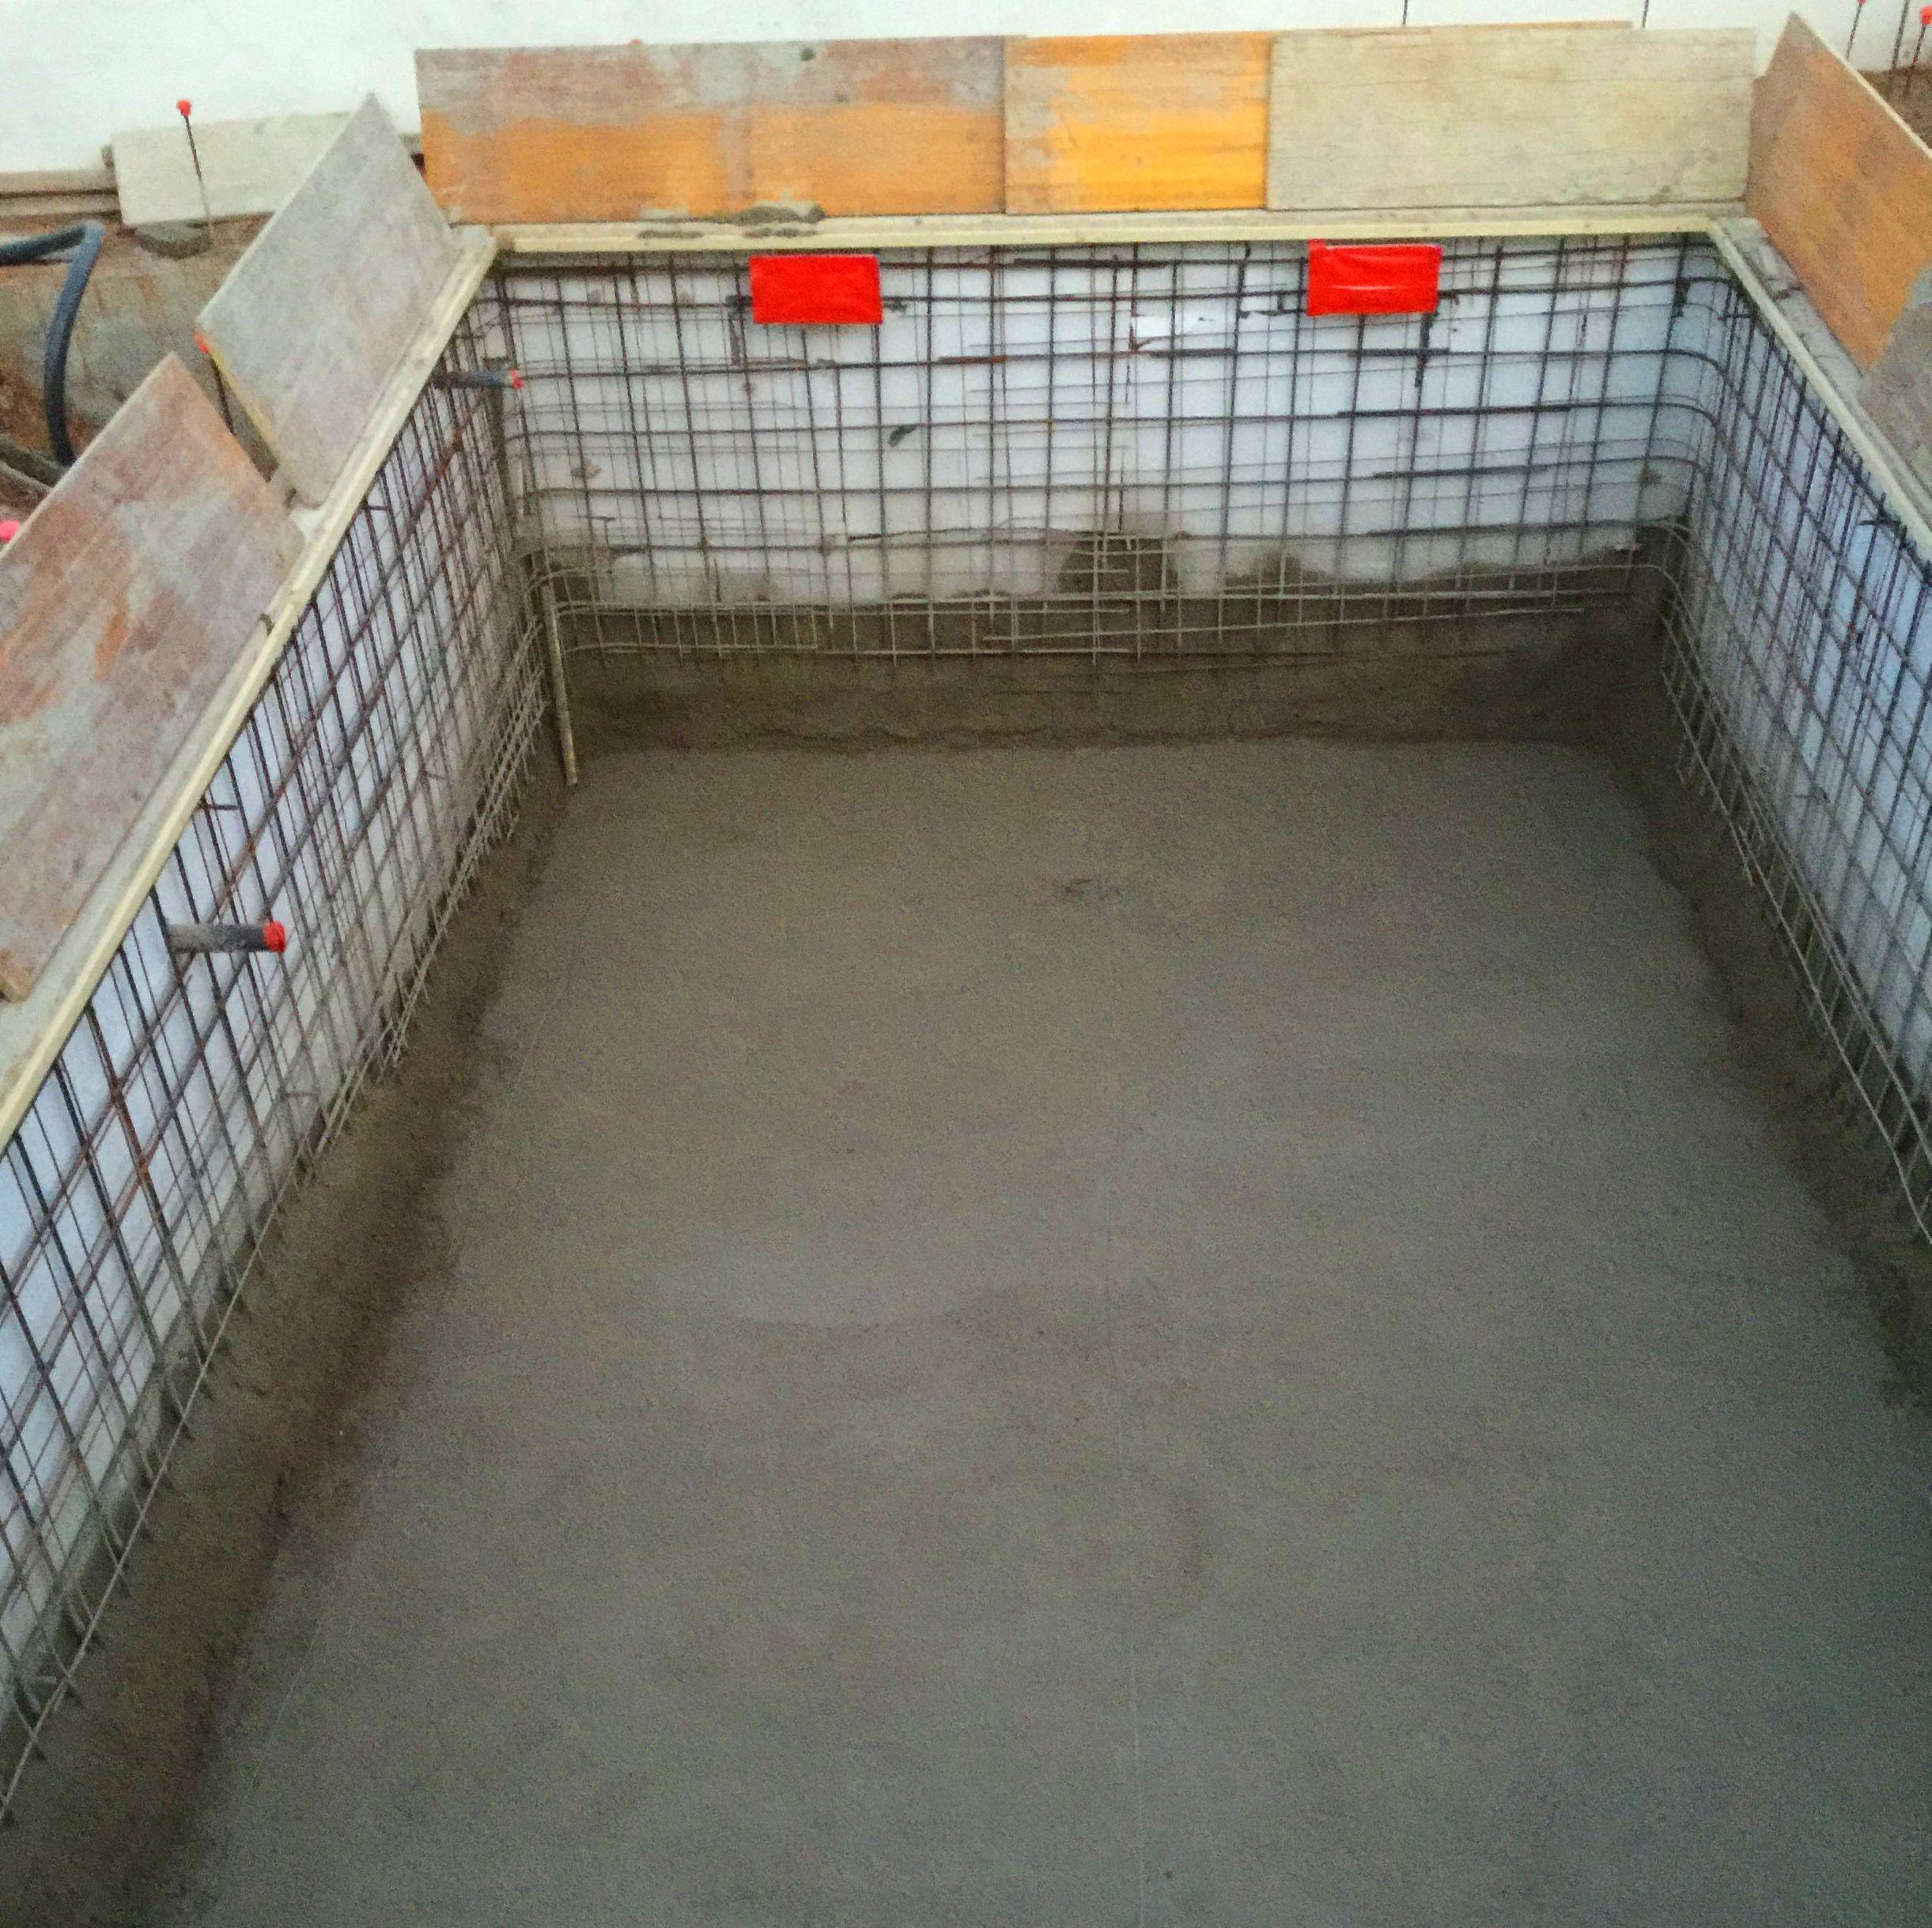 Construcci n de piscinas en alicante mibori construcciones for Piscinas de material construccion